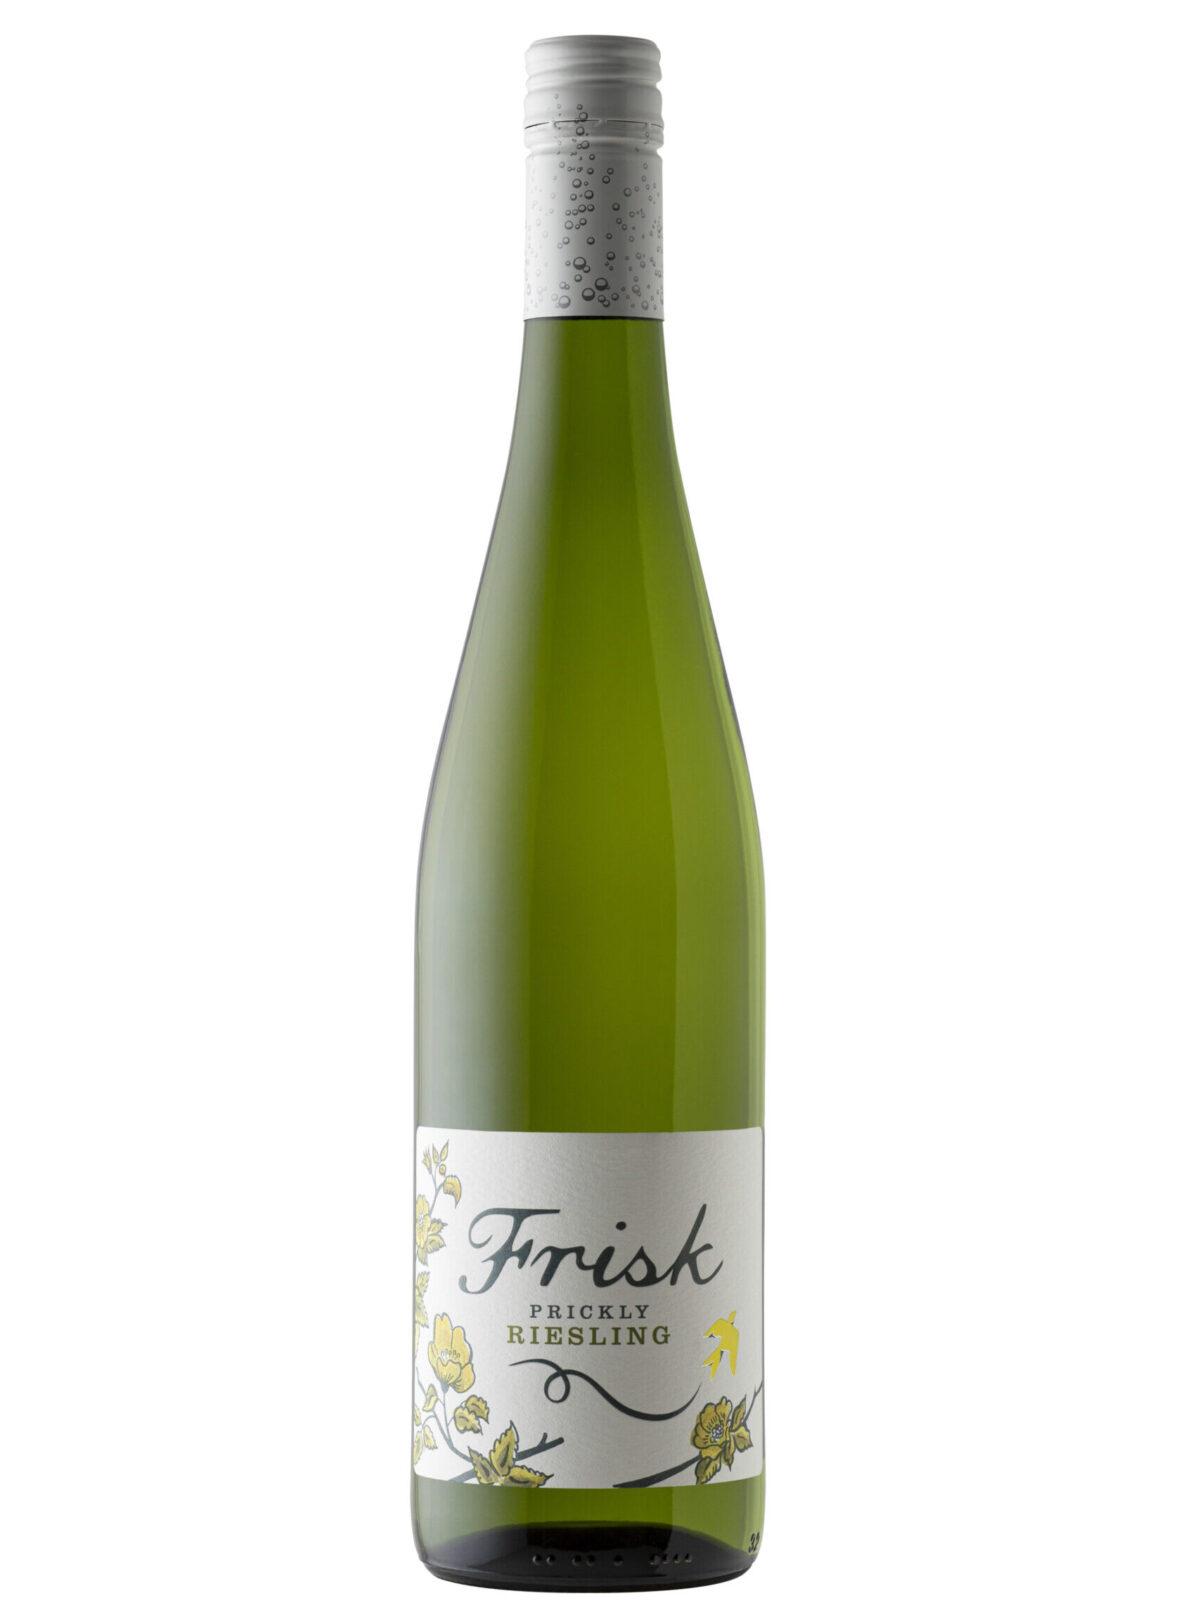 Frisk Prickley Riesling green wine bottle.